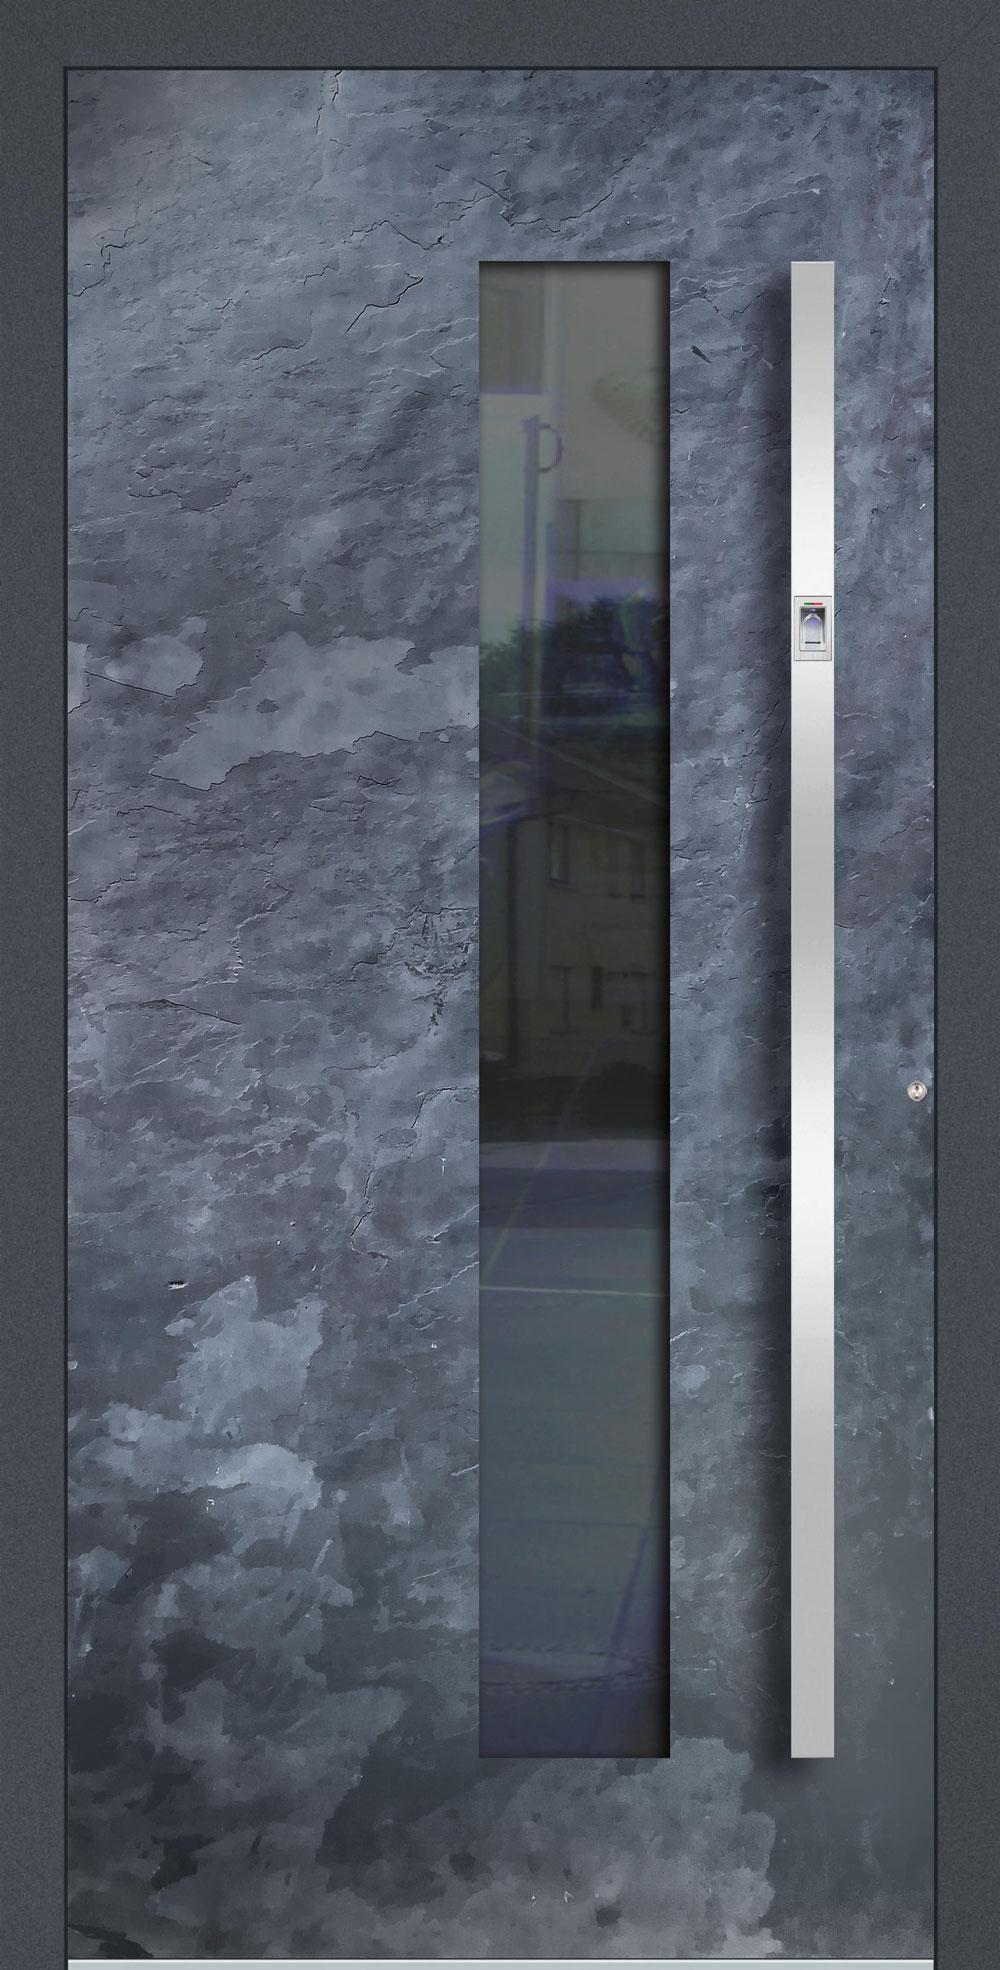 SG01 ISO-Wärmeschutzverglasung klar Echtschieferoberfläche einseitig außen Anwendungsbeispiel in flügelüberdeckend, Edelstahlgriff 11090 ES mit integriertem Fingerprint